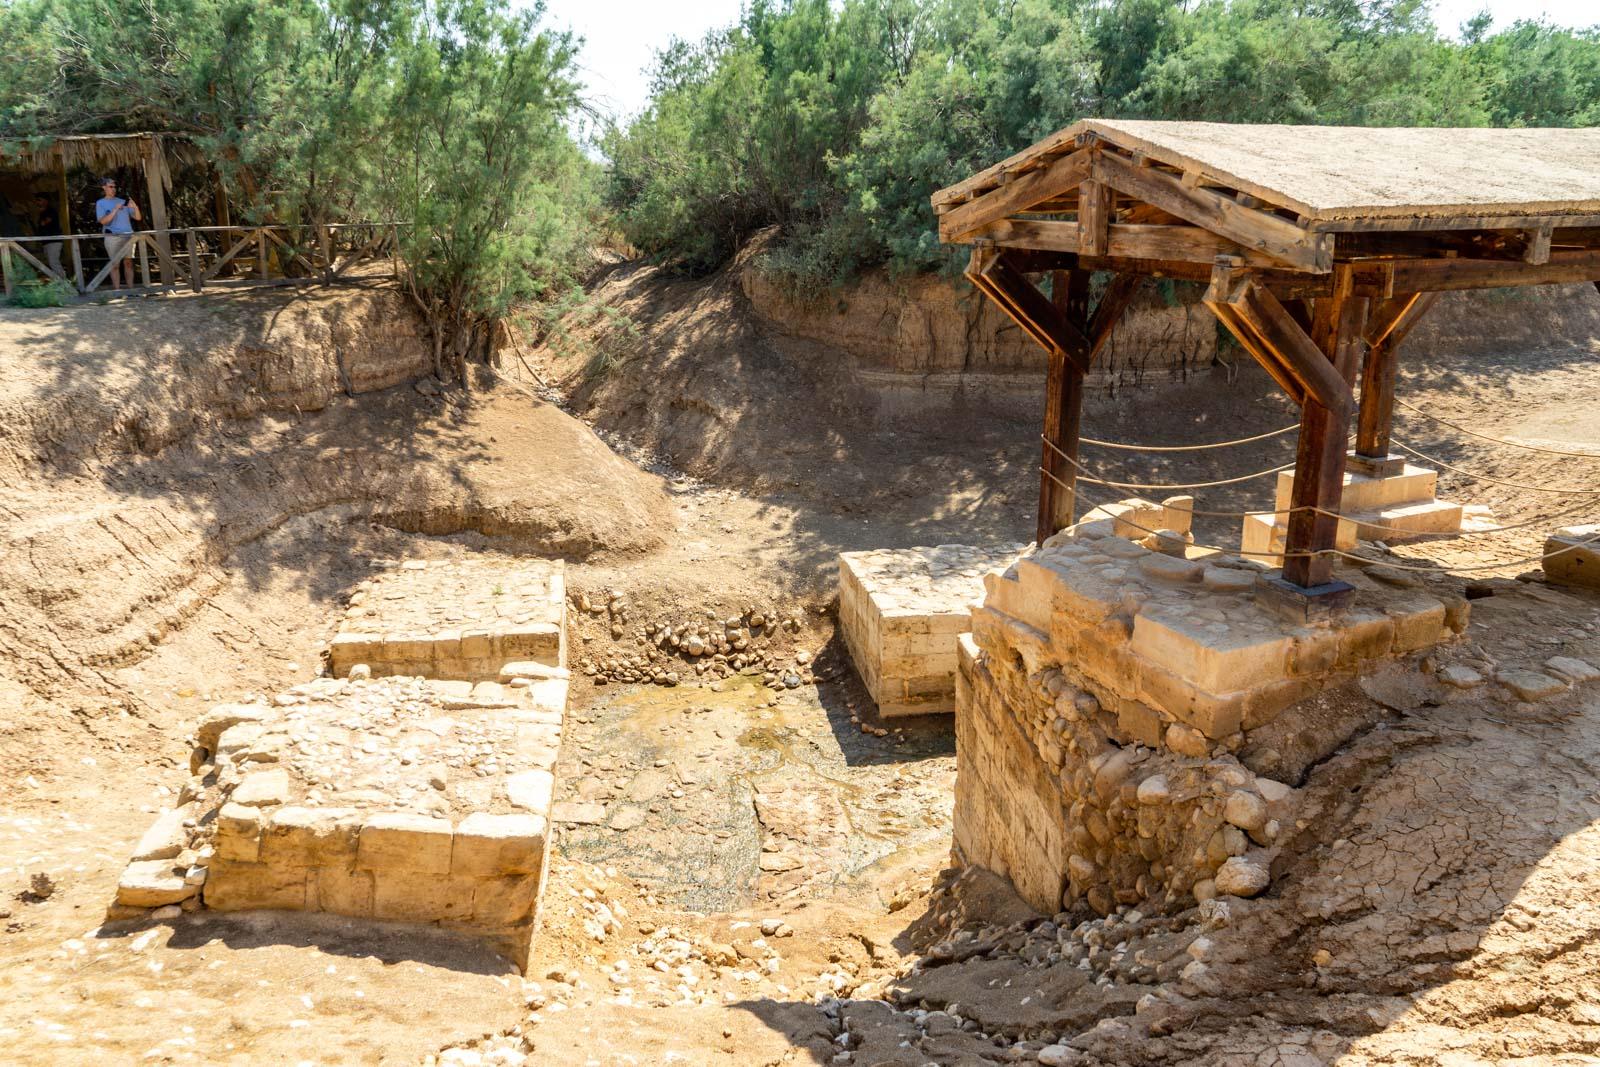 baptism jordan river, the baptism of christ